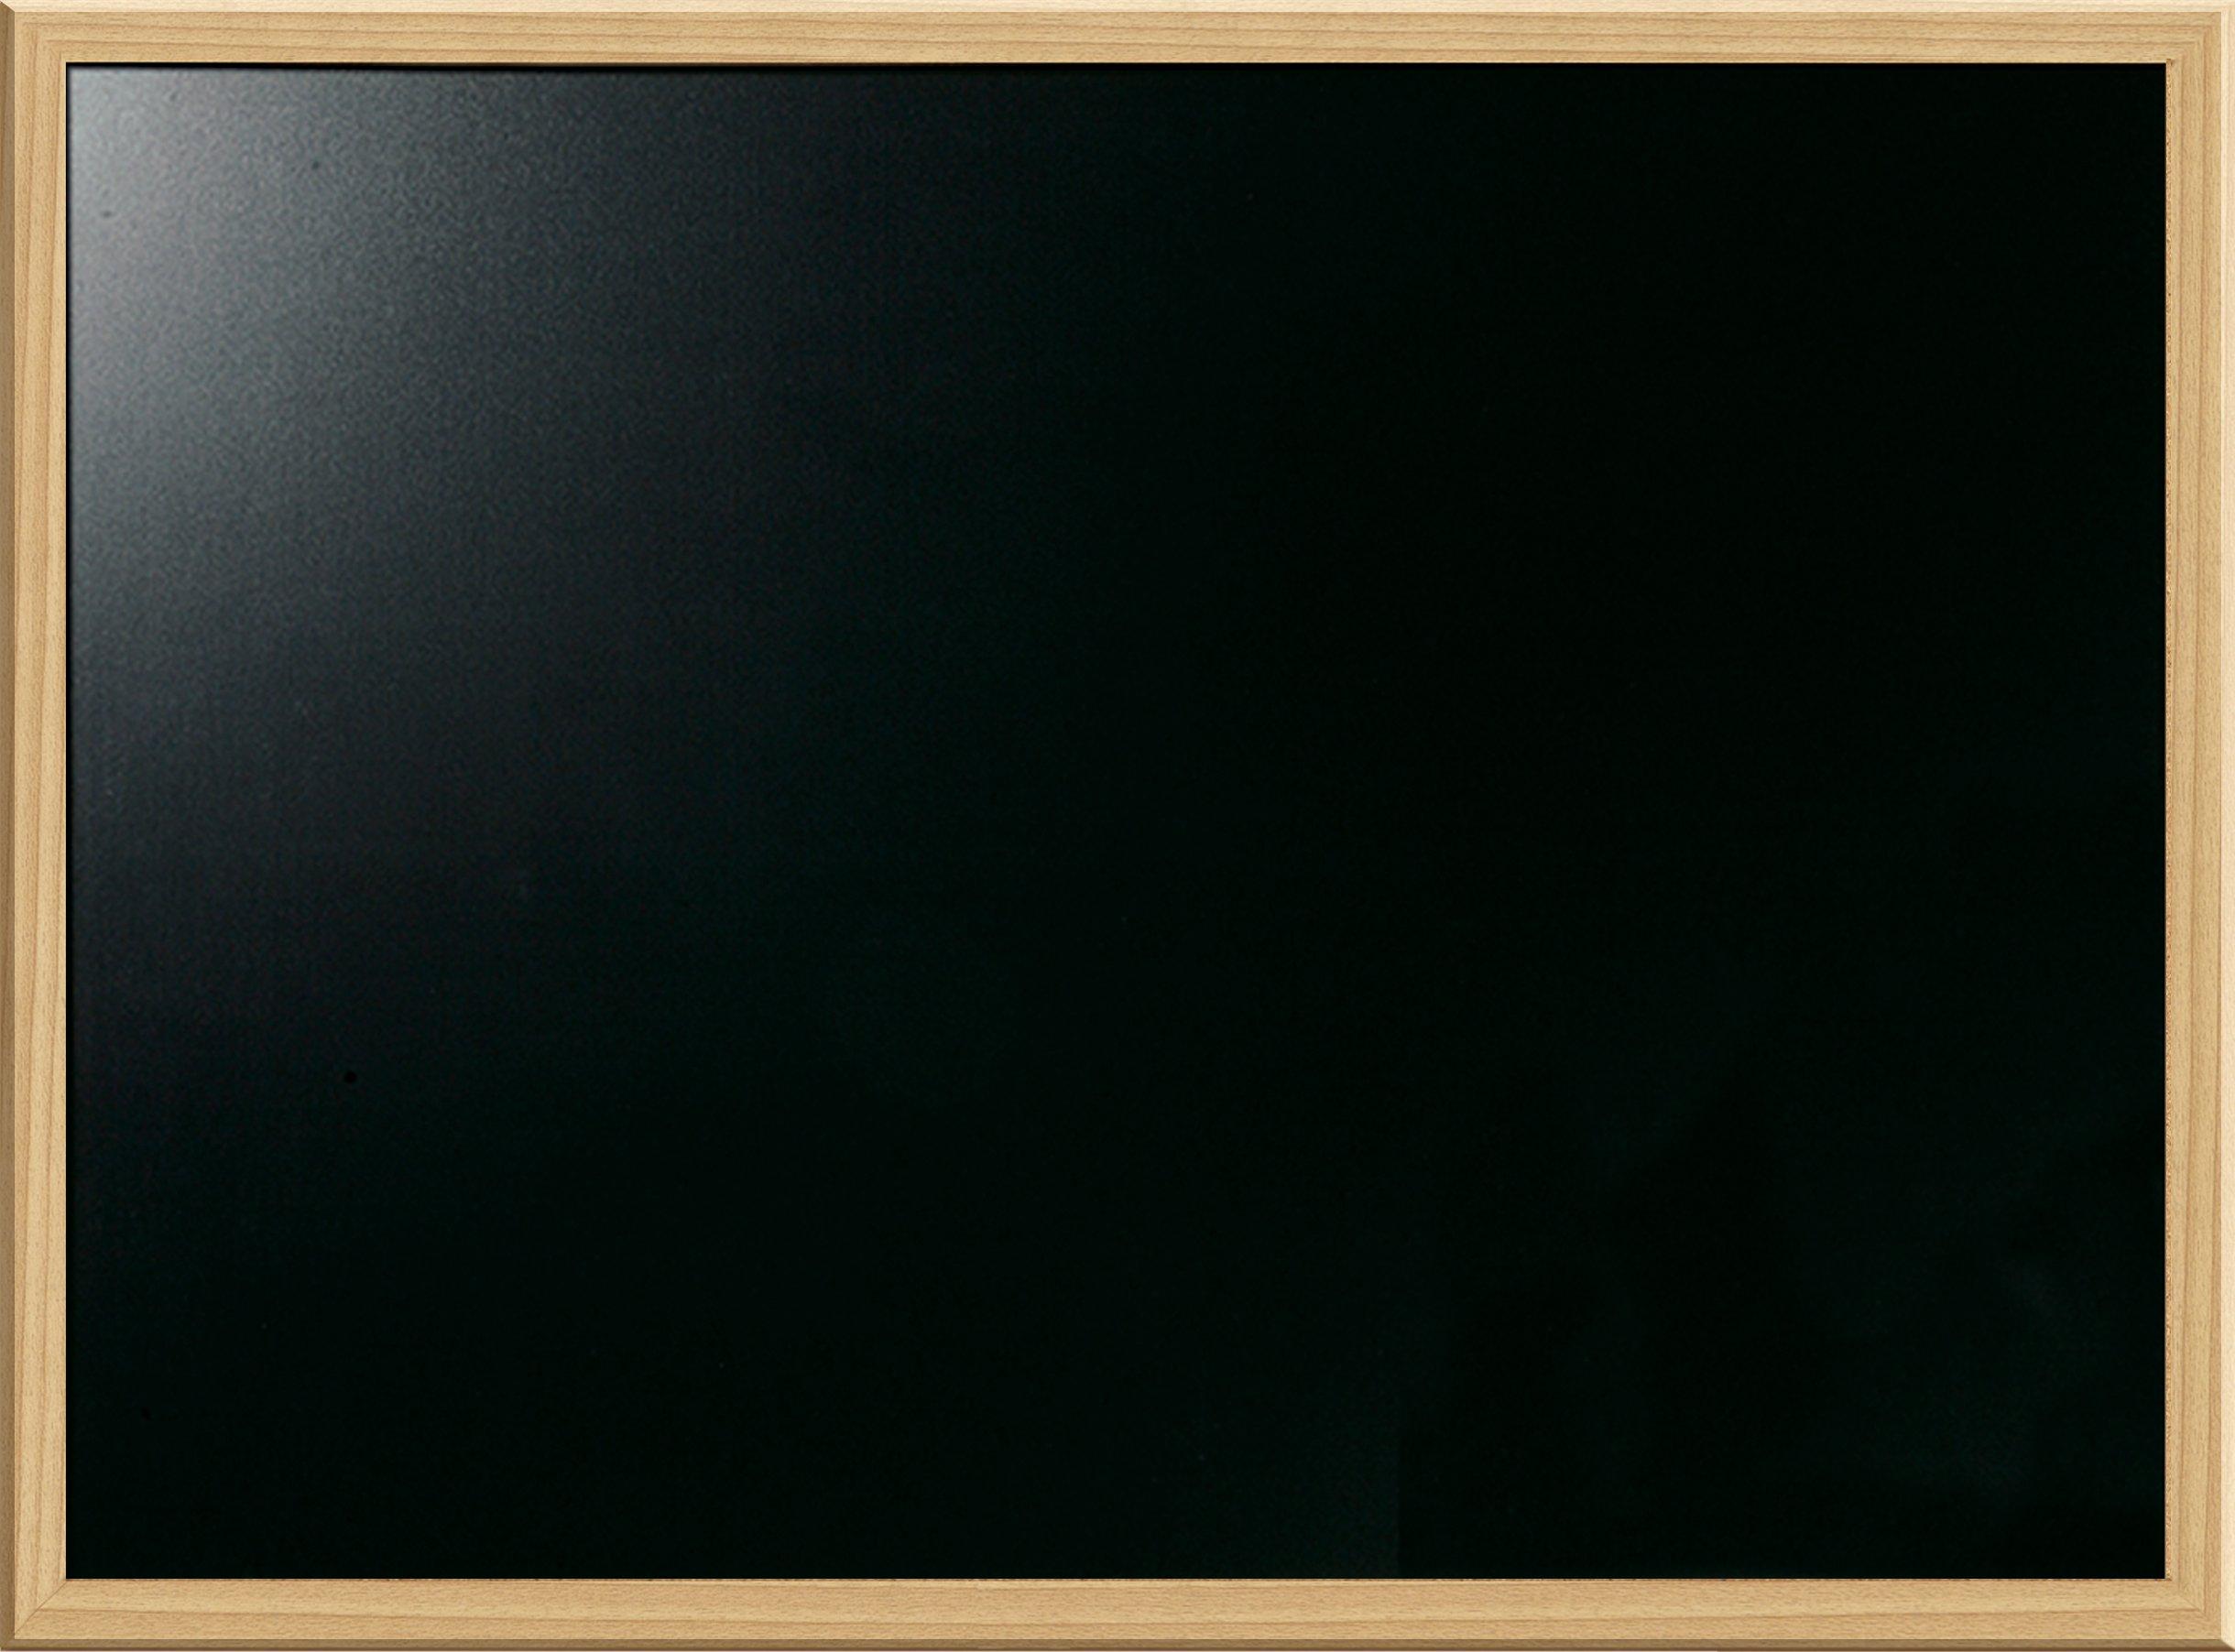 Board Dudes 17'' x 23'' Chalk Board with Oak Style Frame (CXM80)